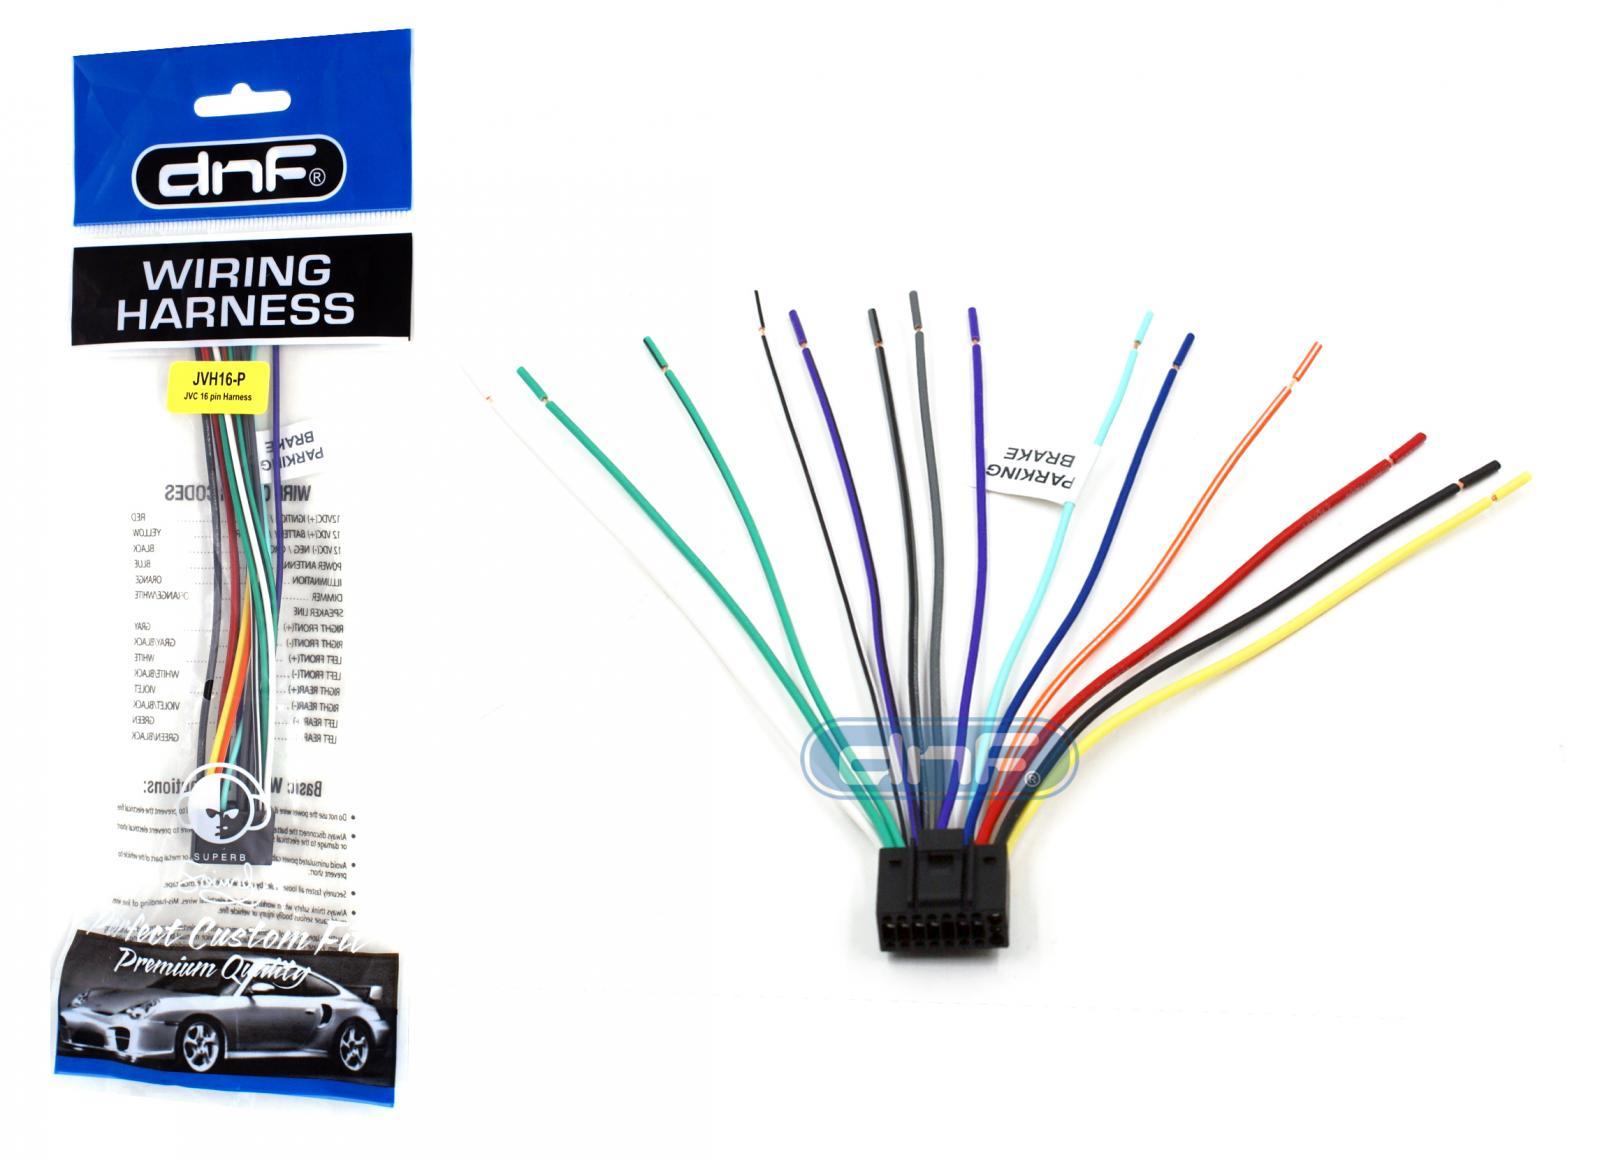 jvc kd s26 wiring harness